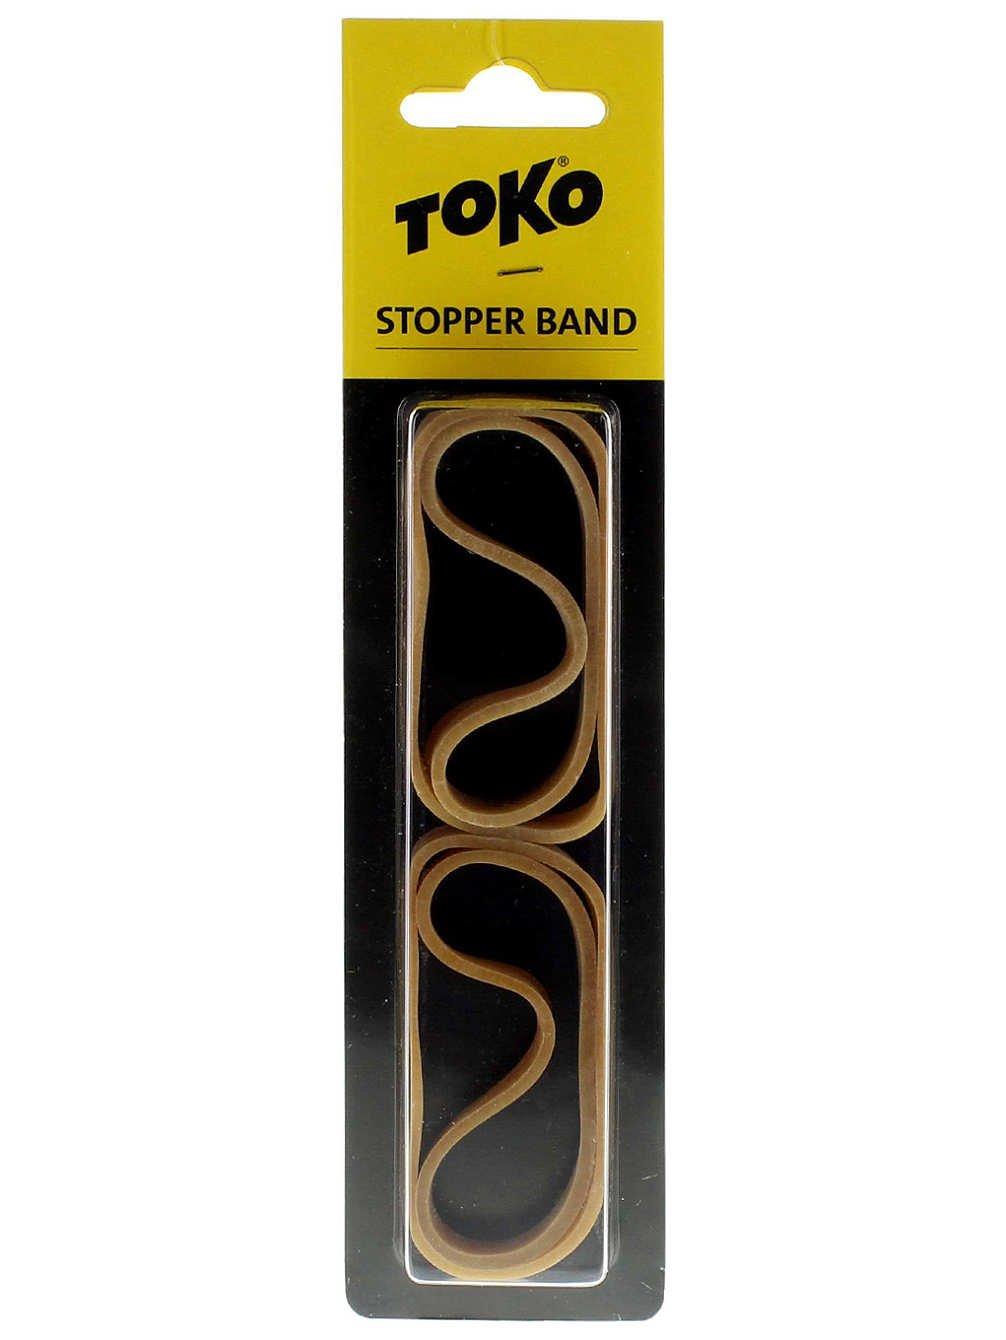 Toko Reparatur Tool Stopper Band 4 Pcs.